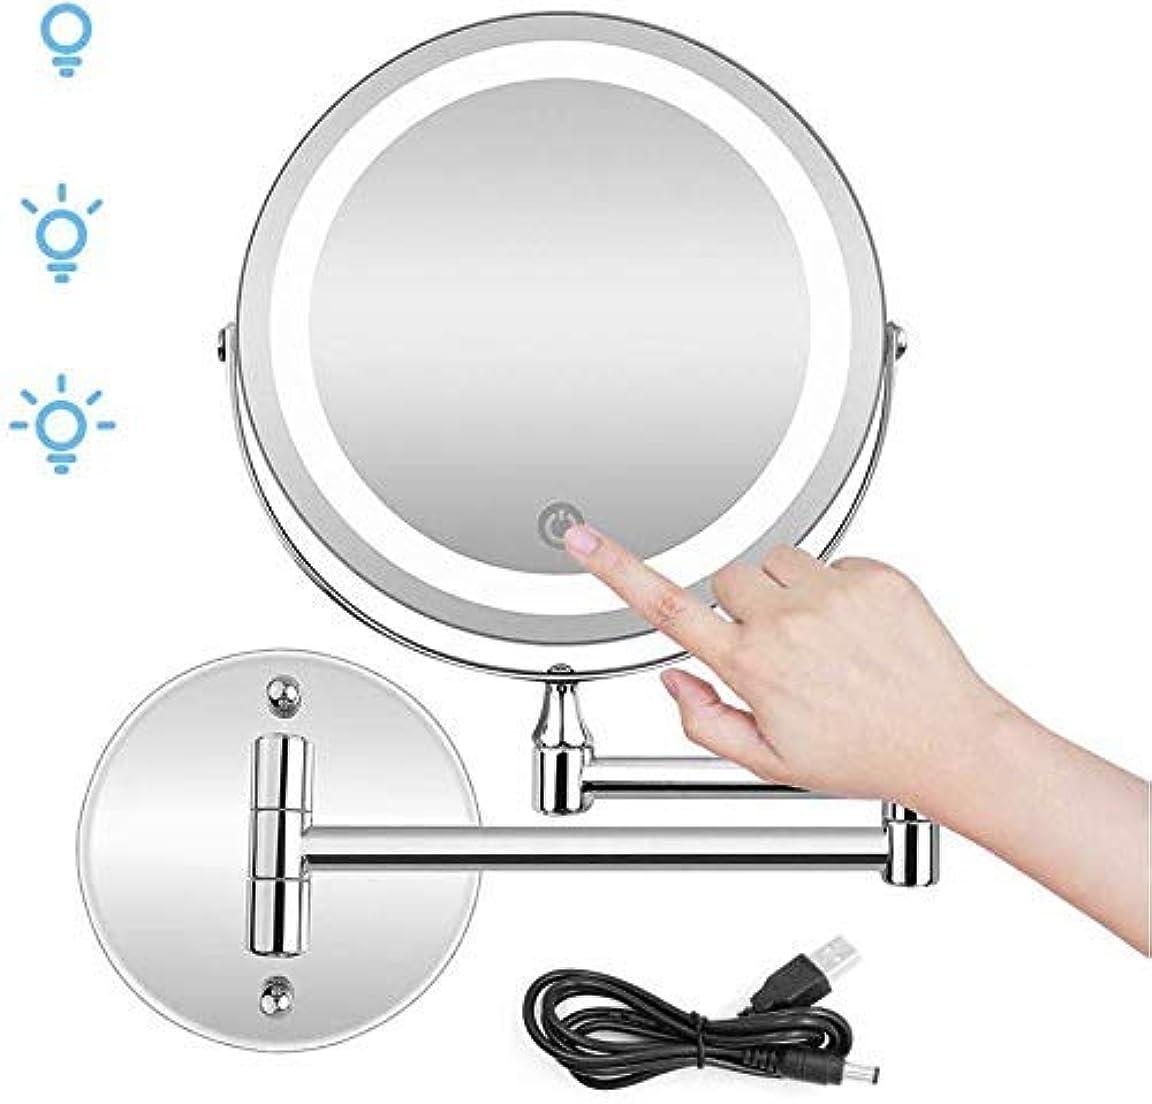 一見誘うカリング化粧鏡、10X拡大LED両面壁バスルームミラータッチスクリーン/ USBまたはAAA電池ダブルソース 卓上ミラー